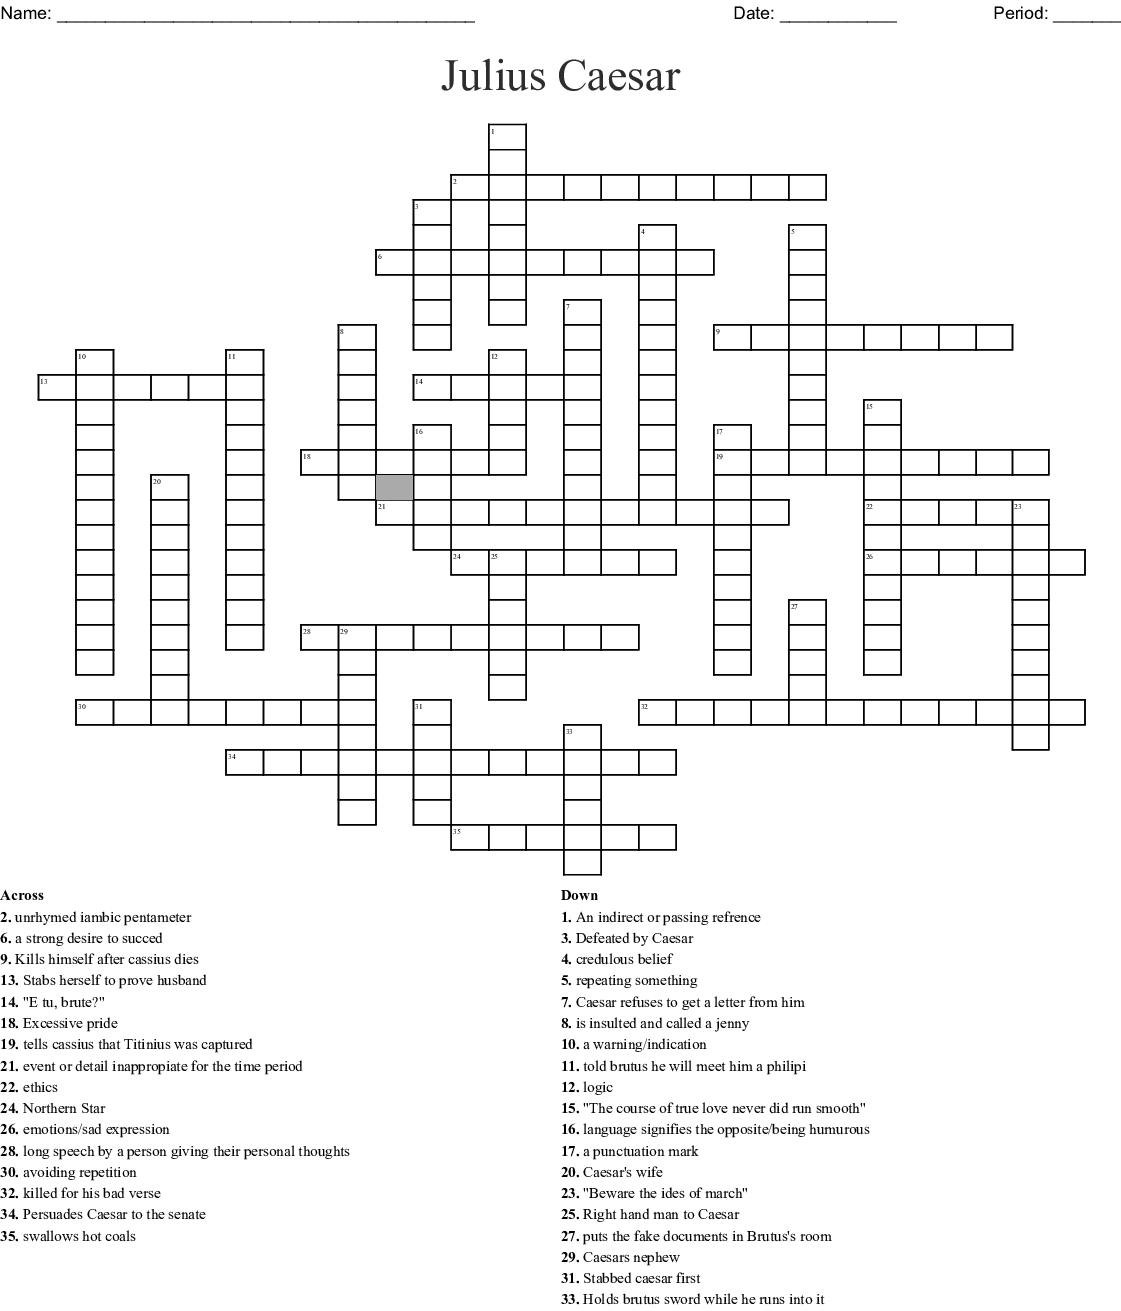 Julius Caesar Crossword